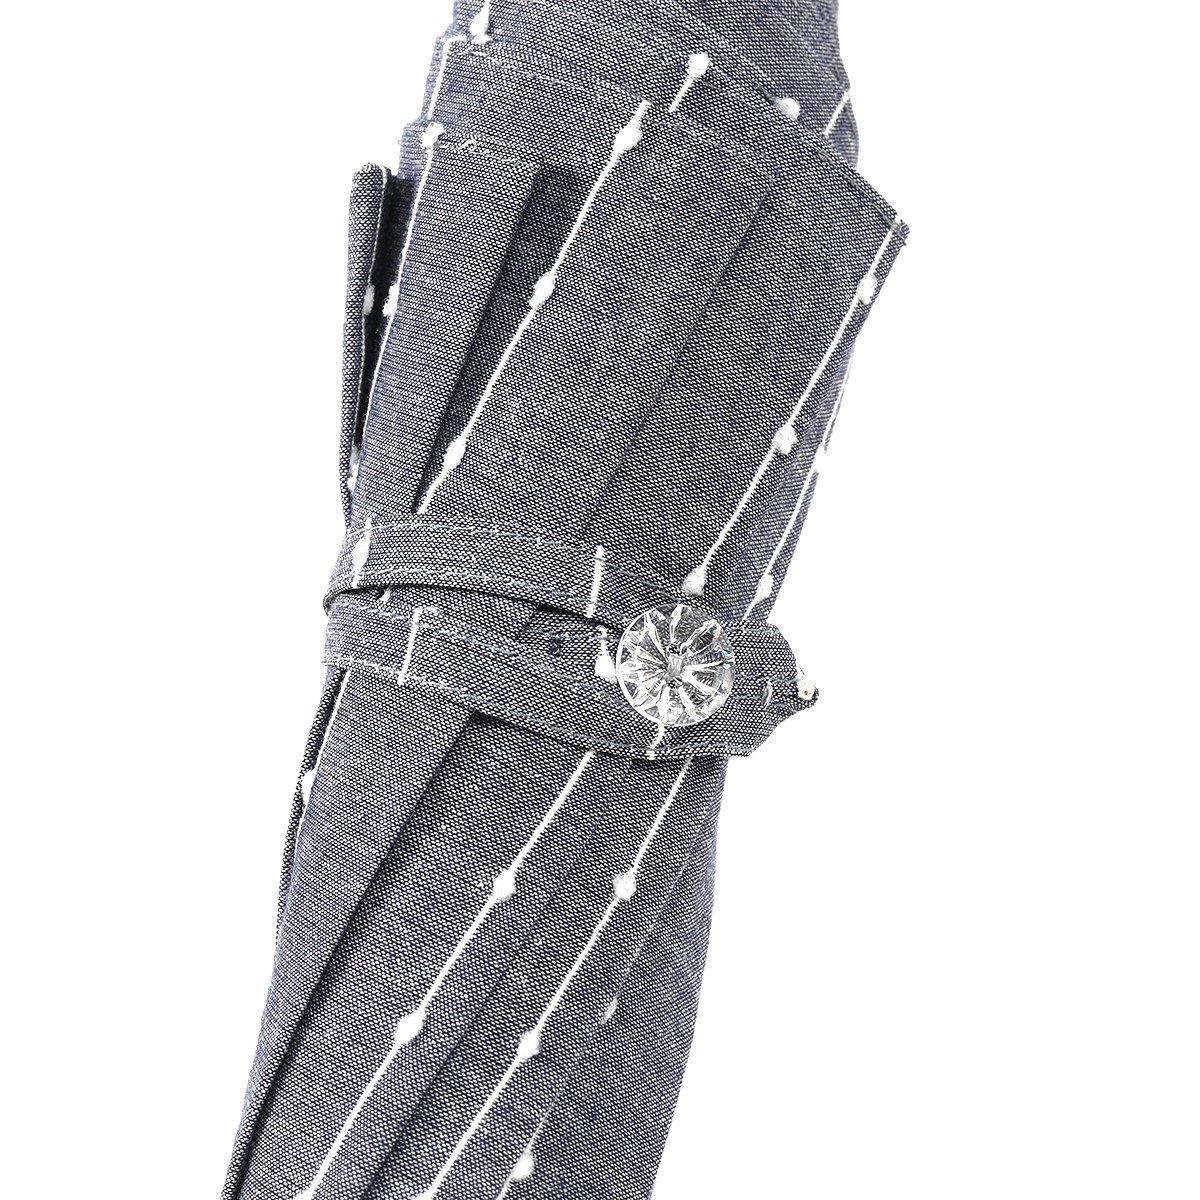 【一級遮光】スライドシャフト ボンボン ストライプ 日傘 詳細画像6